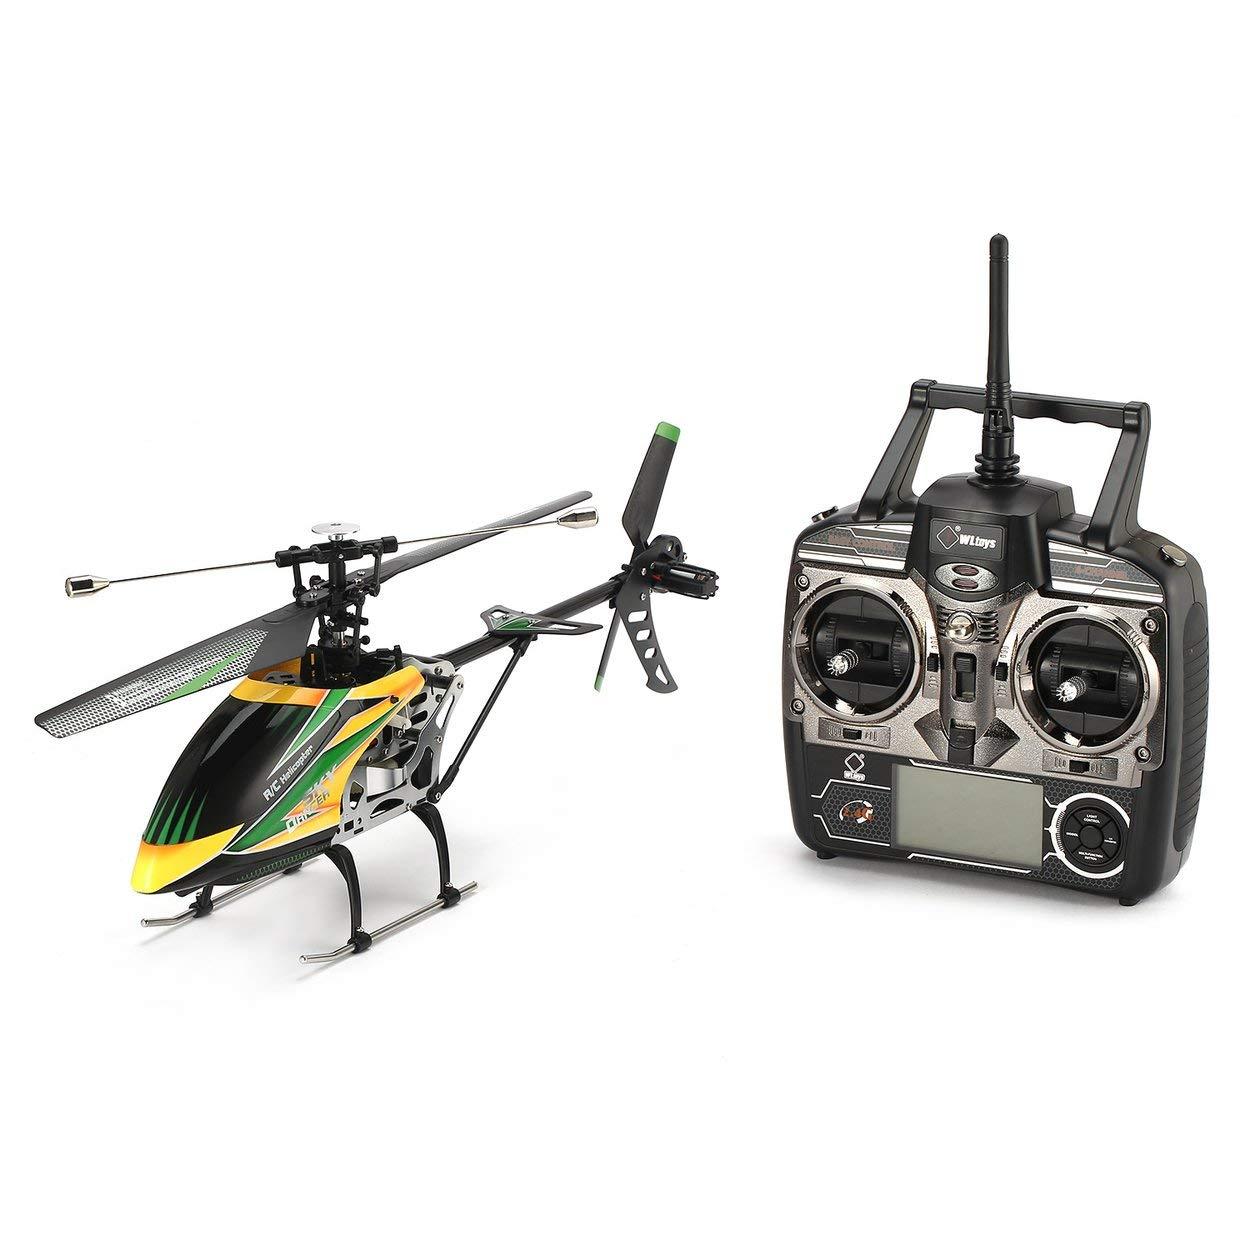 Lorenlli V912 Brushless 2.4G 4CH Single Blade Hohe Effizienz Geeignet Motor RC Hubschrauber Geeignet Effizienz für sowohl Indoor-und Outdoor-Fliegen d94bcf